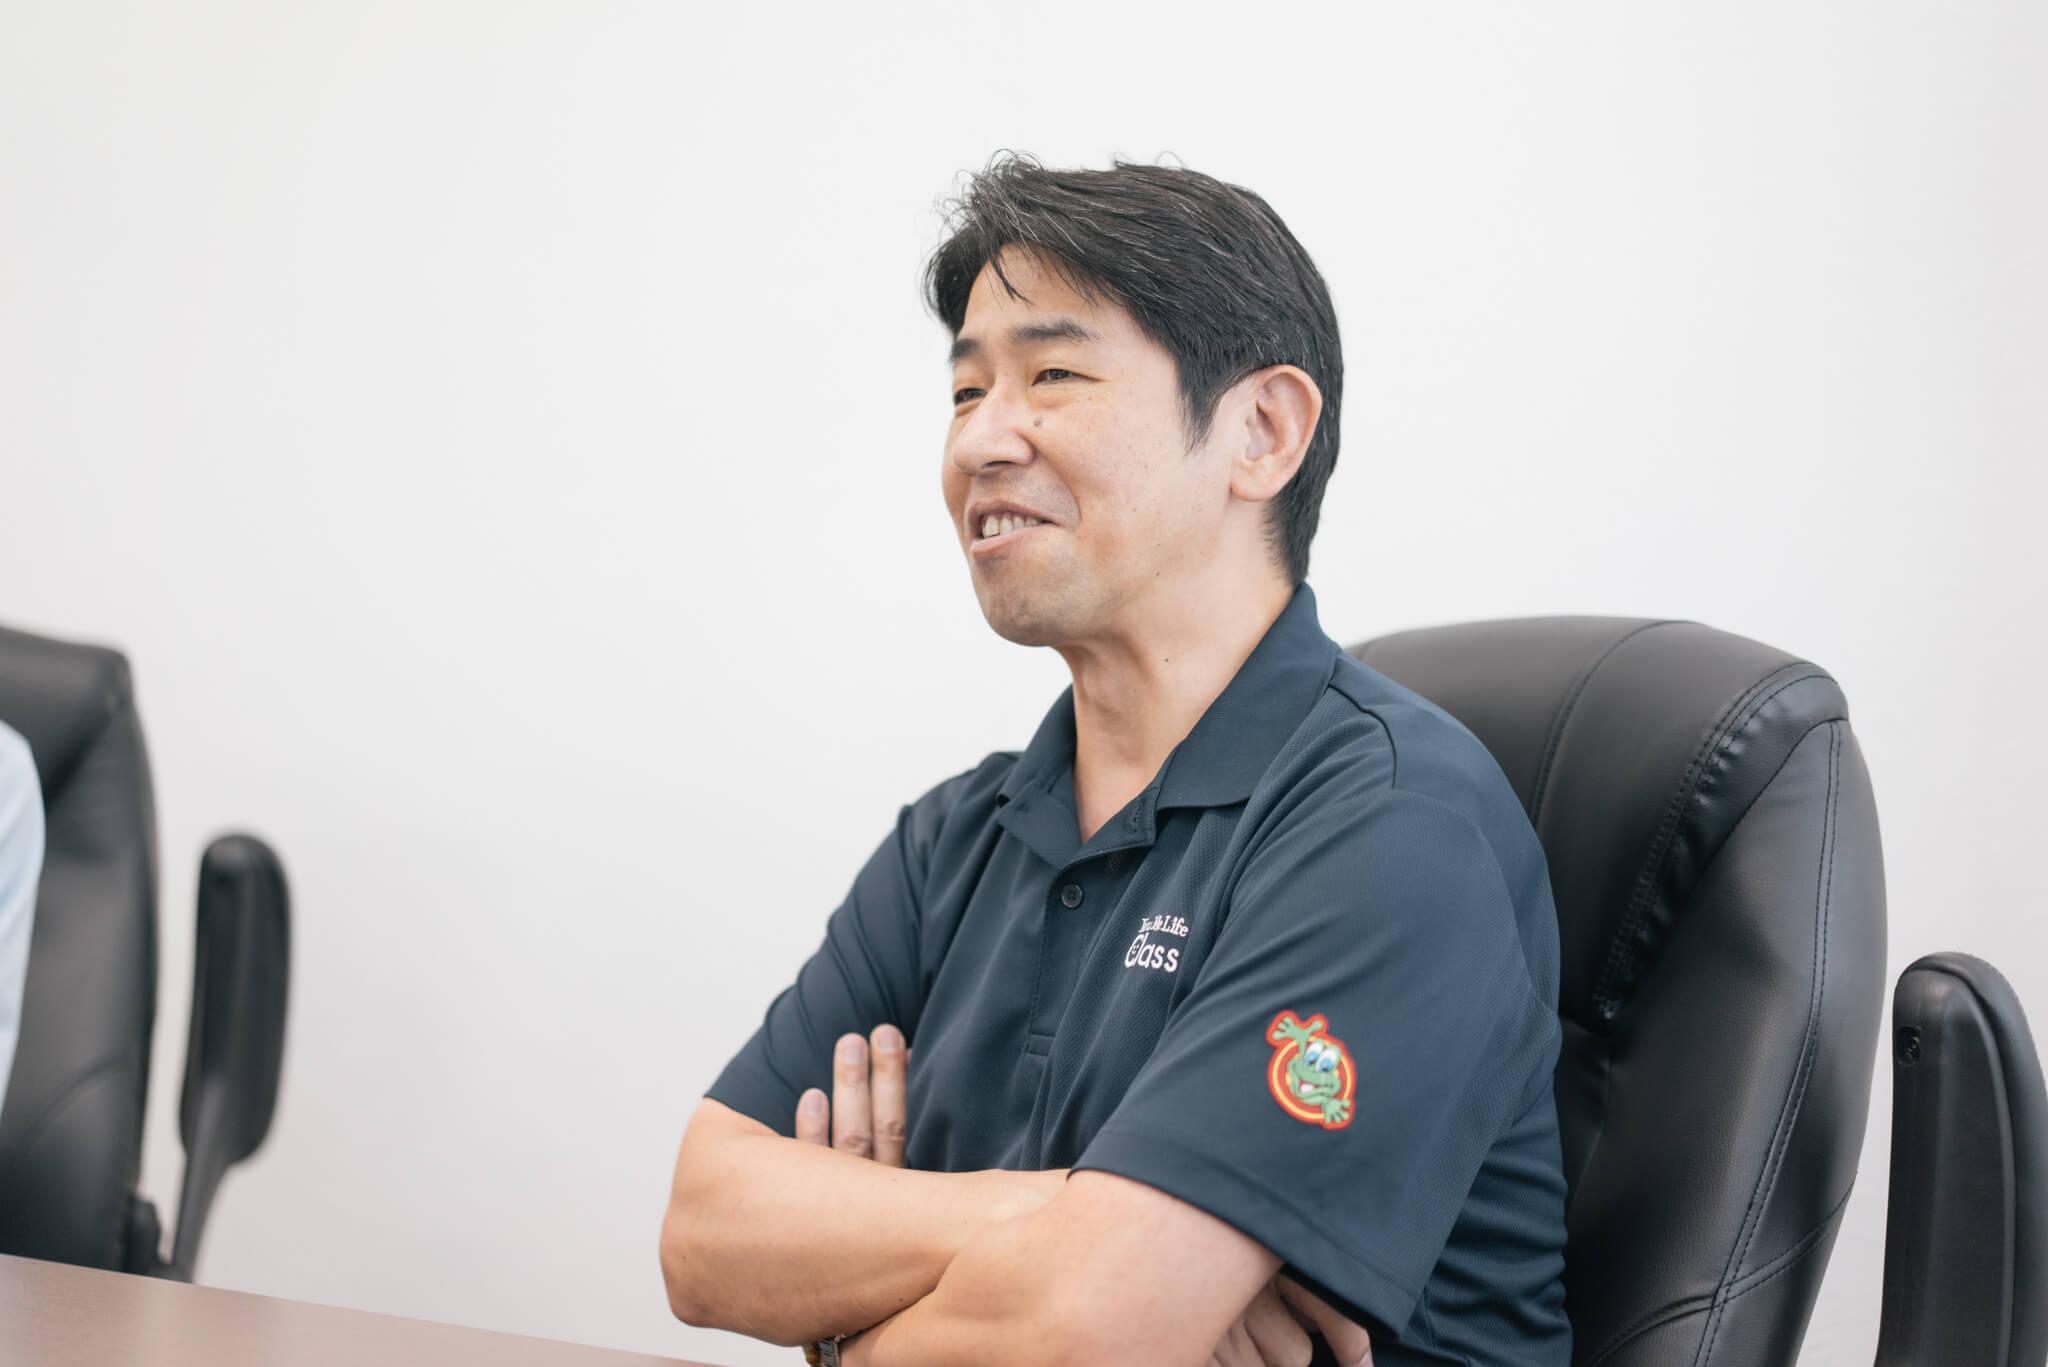 「この会社では、立ち止まることがないというか、常に新しいことを考えています。全国にいろんな管理会社がありますが、こんなにいろんな取り組みをしている会社は、そんなに多くないと思いますね」と和田さん。